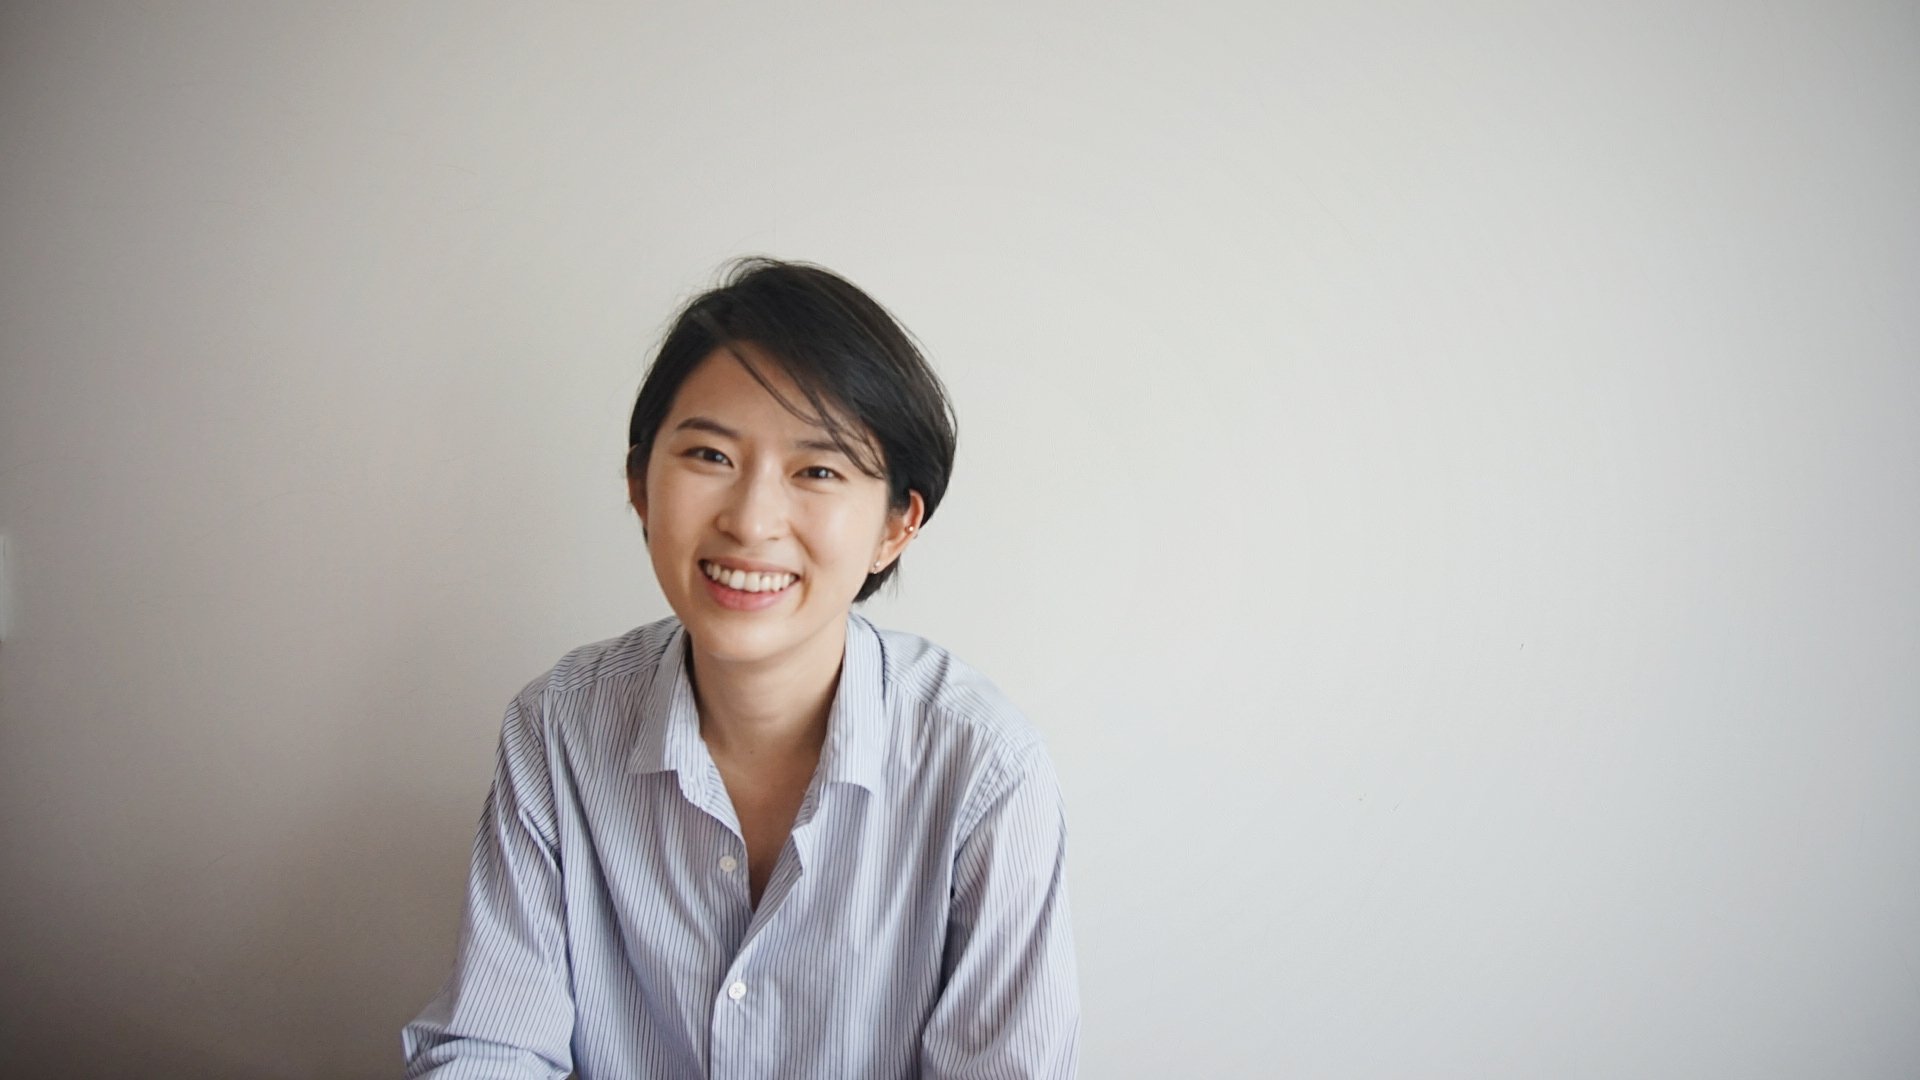 Sunyoung Joo